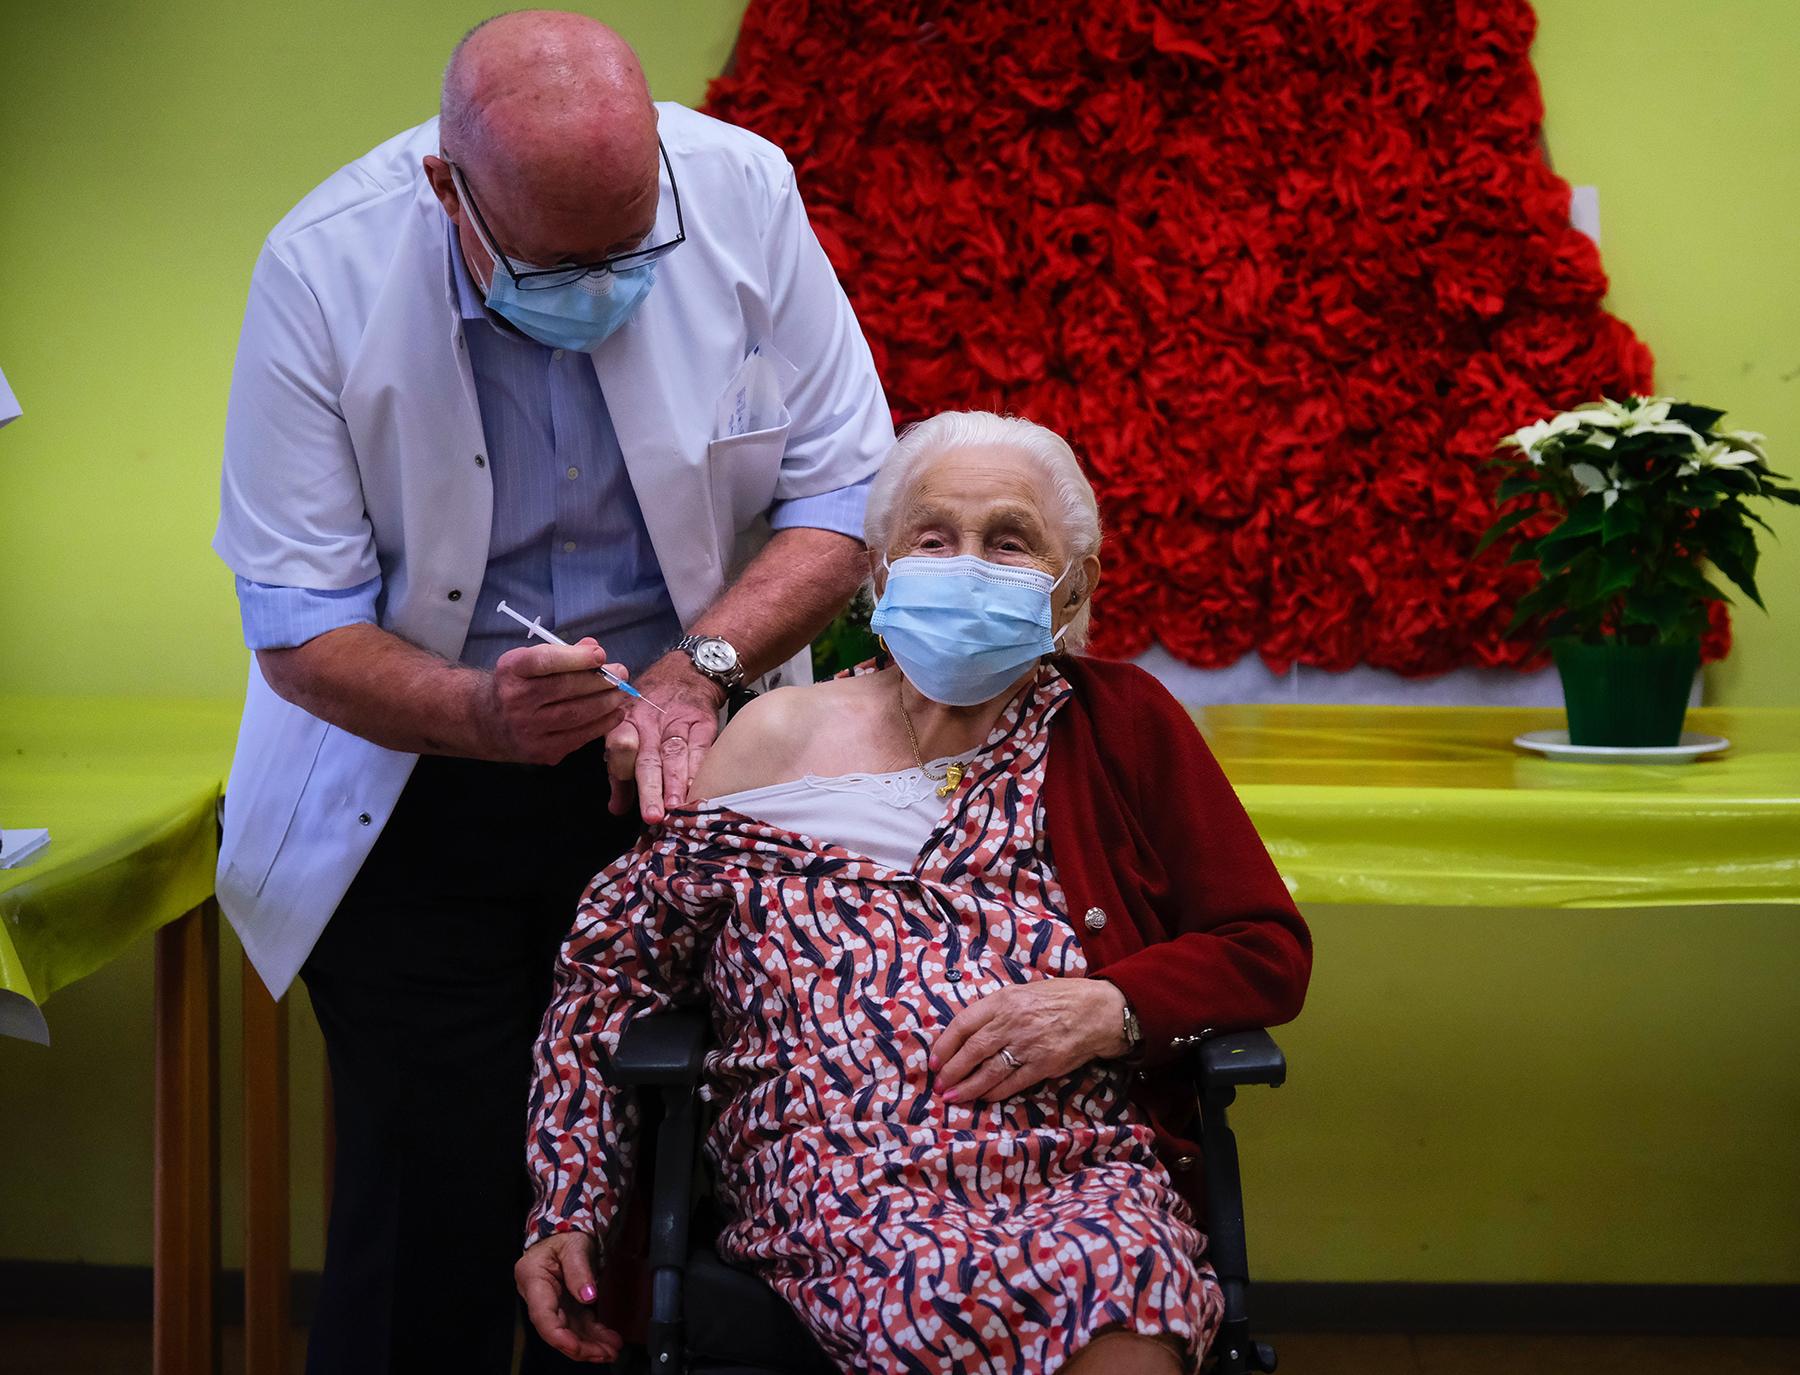 """Η Josepha Delmotte, 102 ετών, λαμβάνει μια δόση του εμβολίου Pfizer-BioNTech στον οίκο ευγηρίας """"La Bonne Maison de Bouzanton"""" κατά τη διάρκεια του πρώτου εμβολιασμού το Βέλγιο. Μονς, 28 Δεκεμβρίου 2020."""